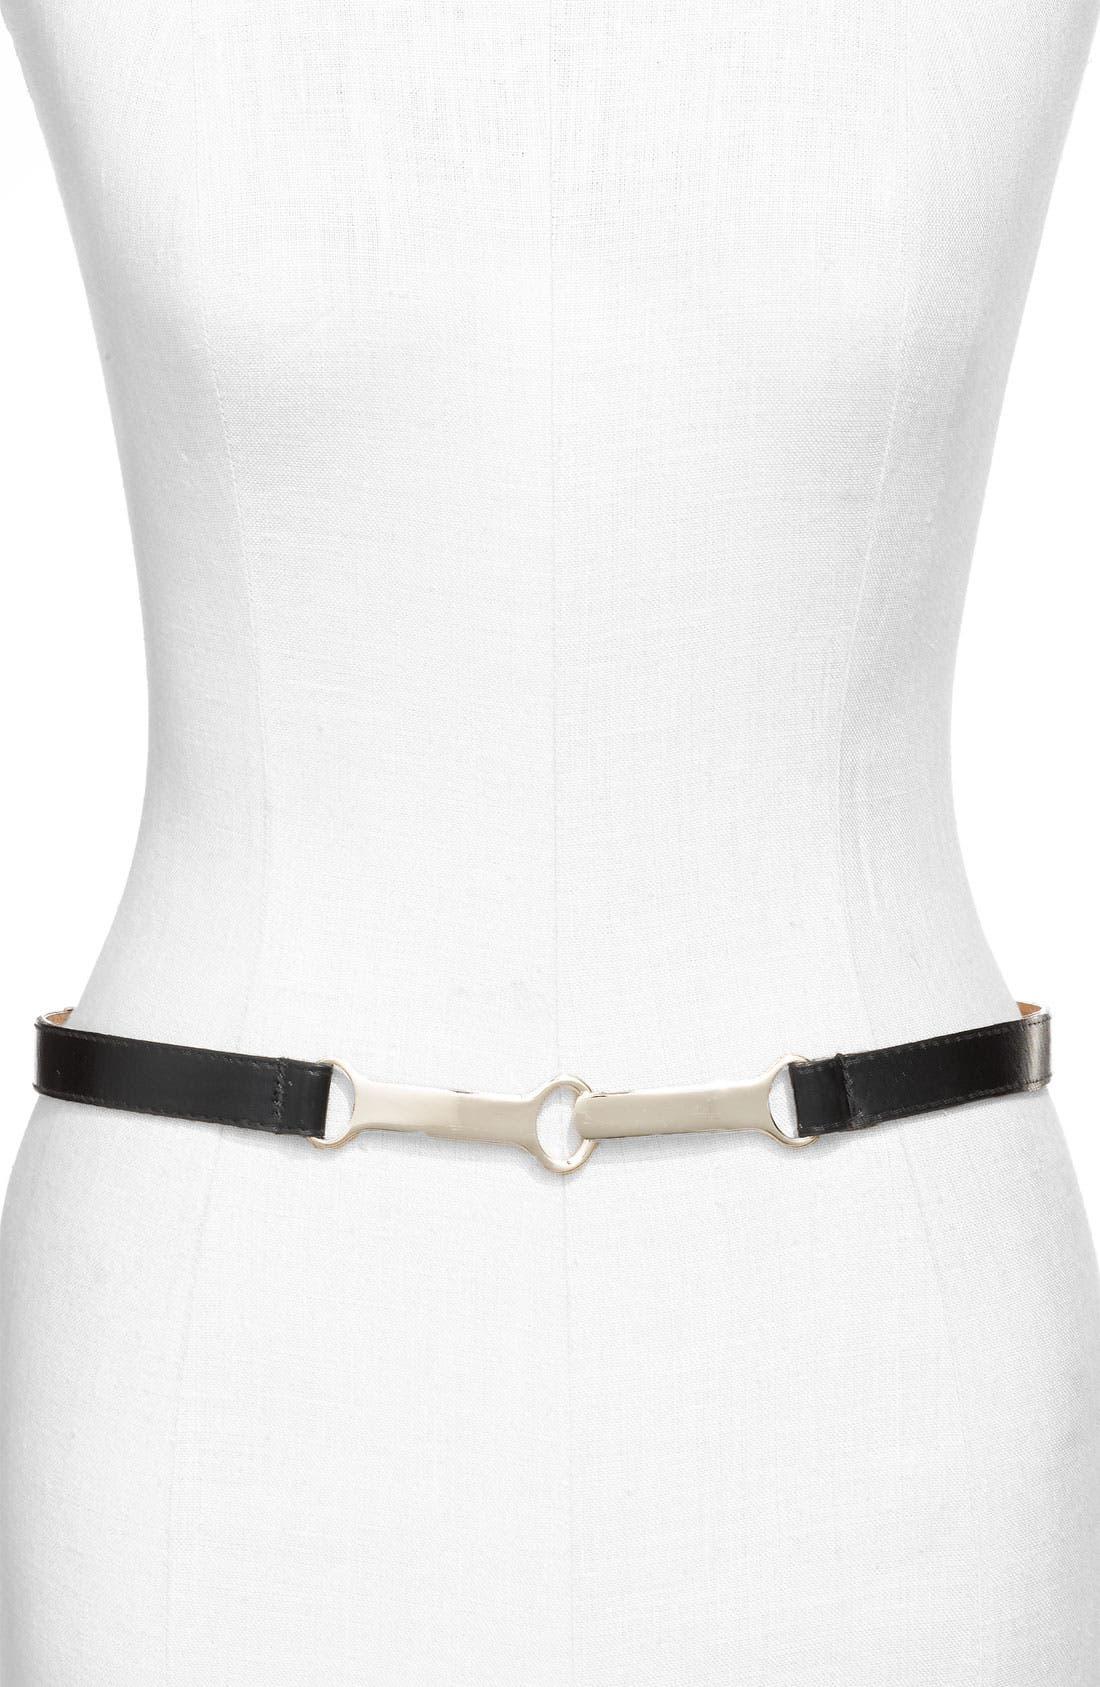 Alternate Image 1 Selected - WCM Belts 'Modern Toggle' Belt (Plus Size)